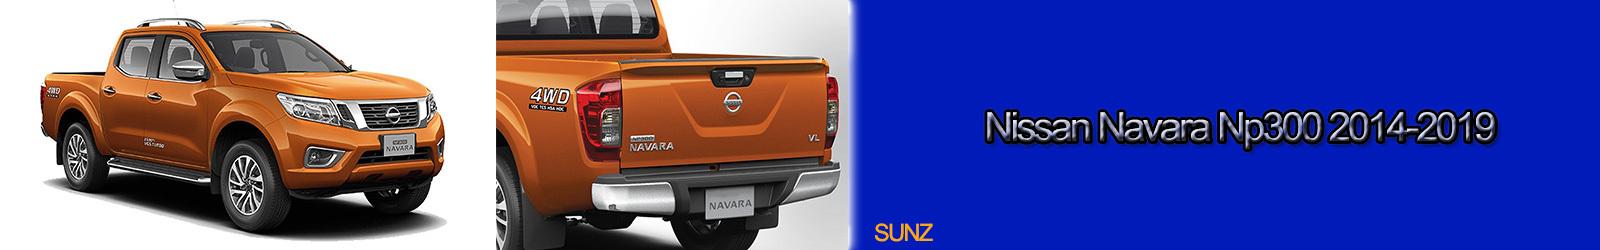 Nissan Navara Np300 2014-2019